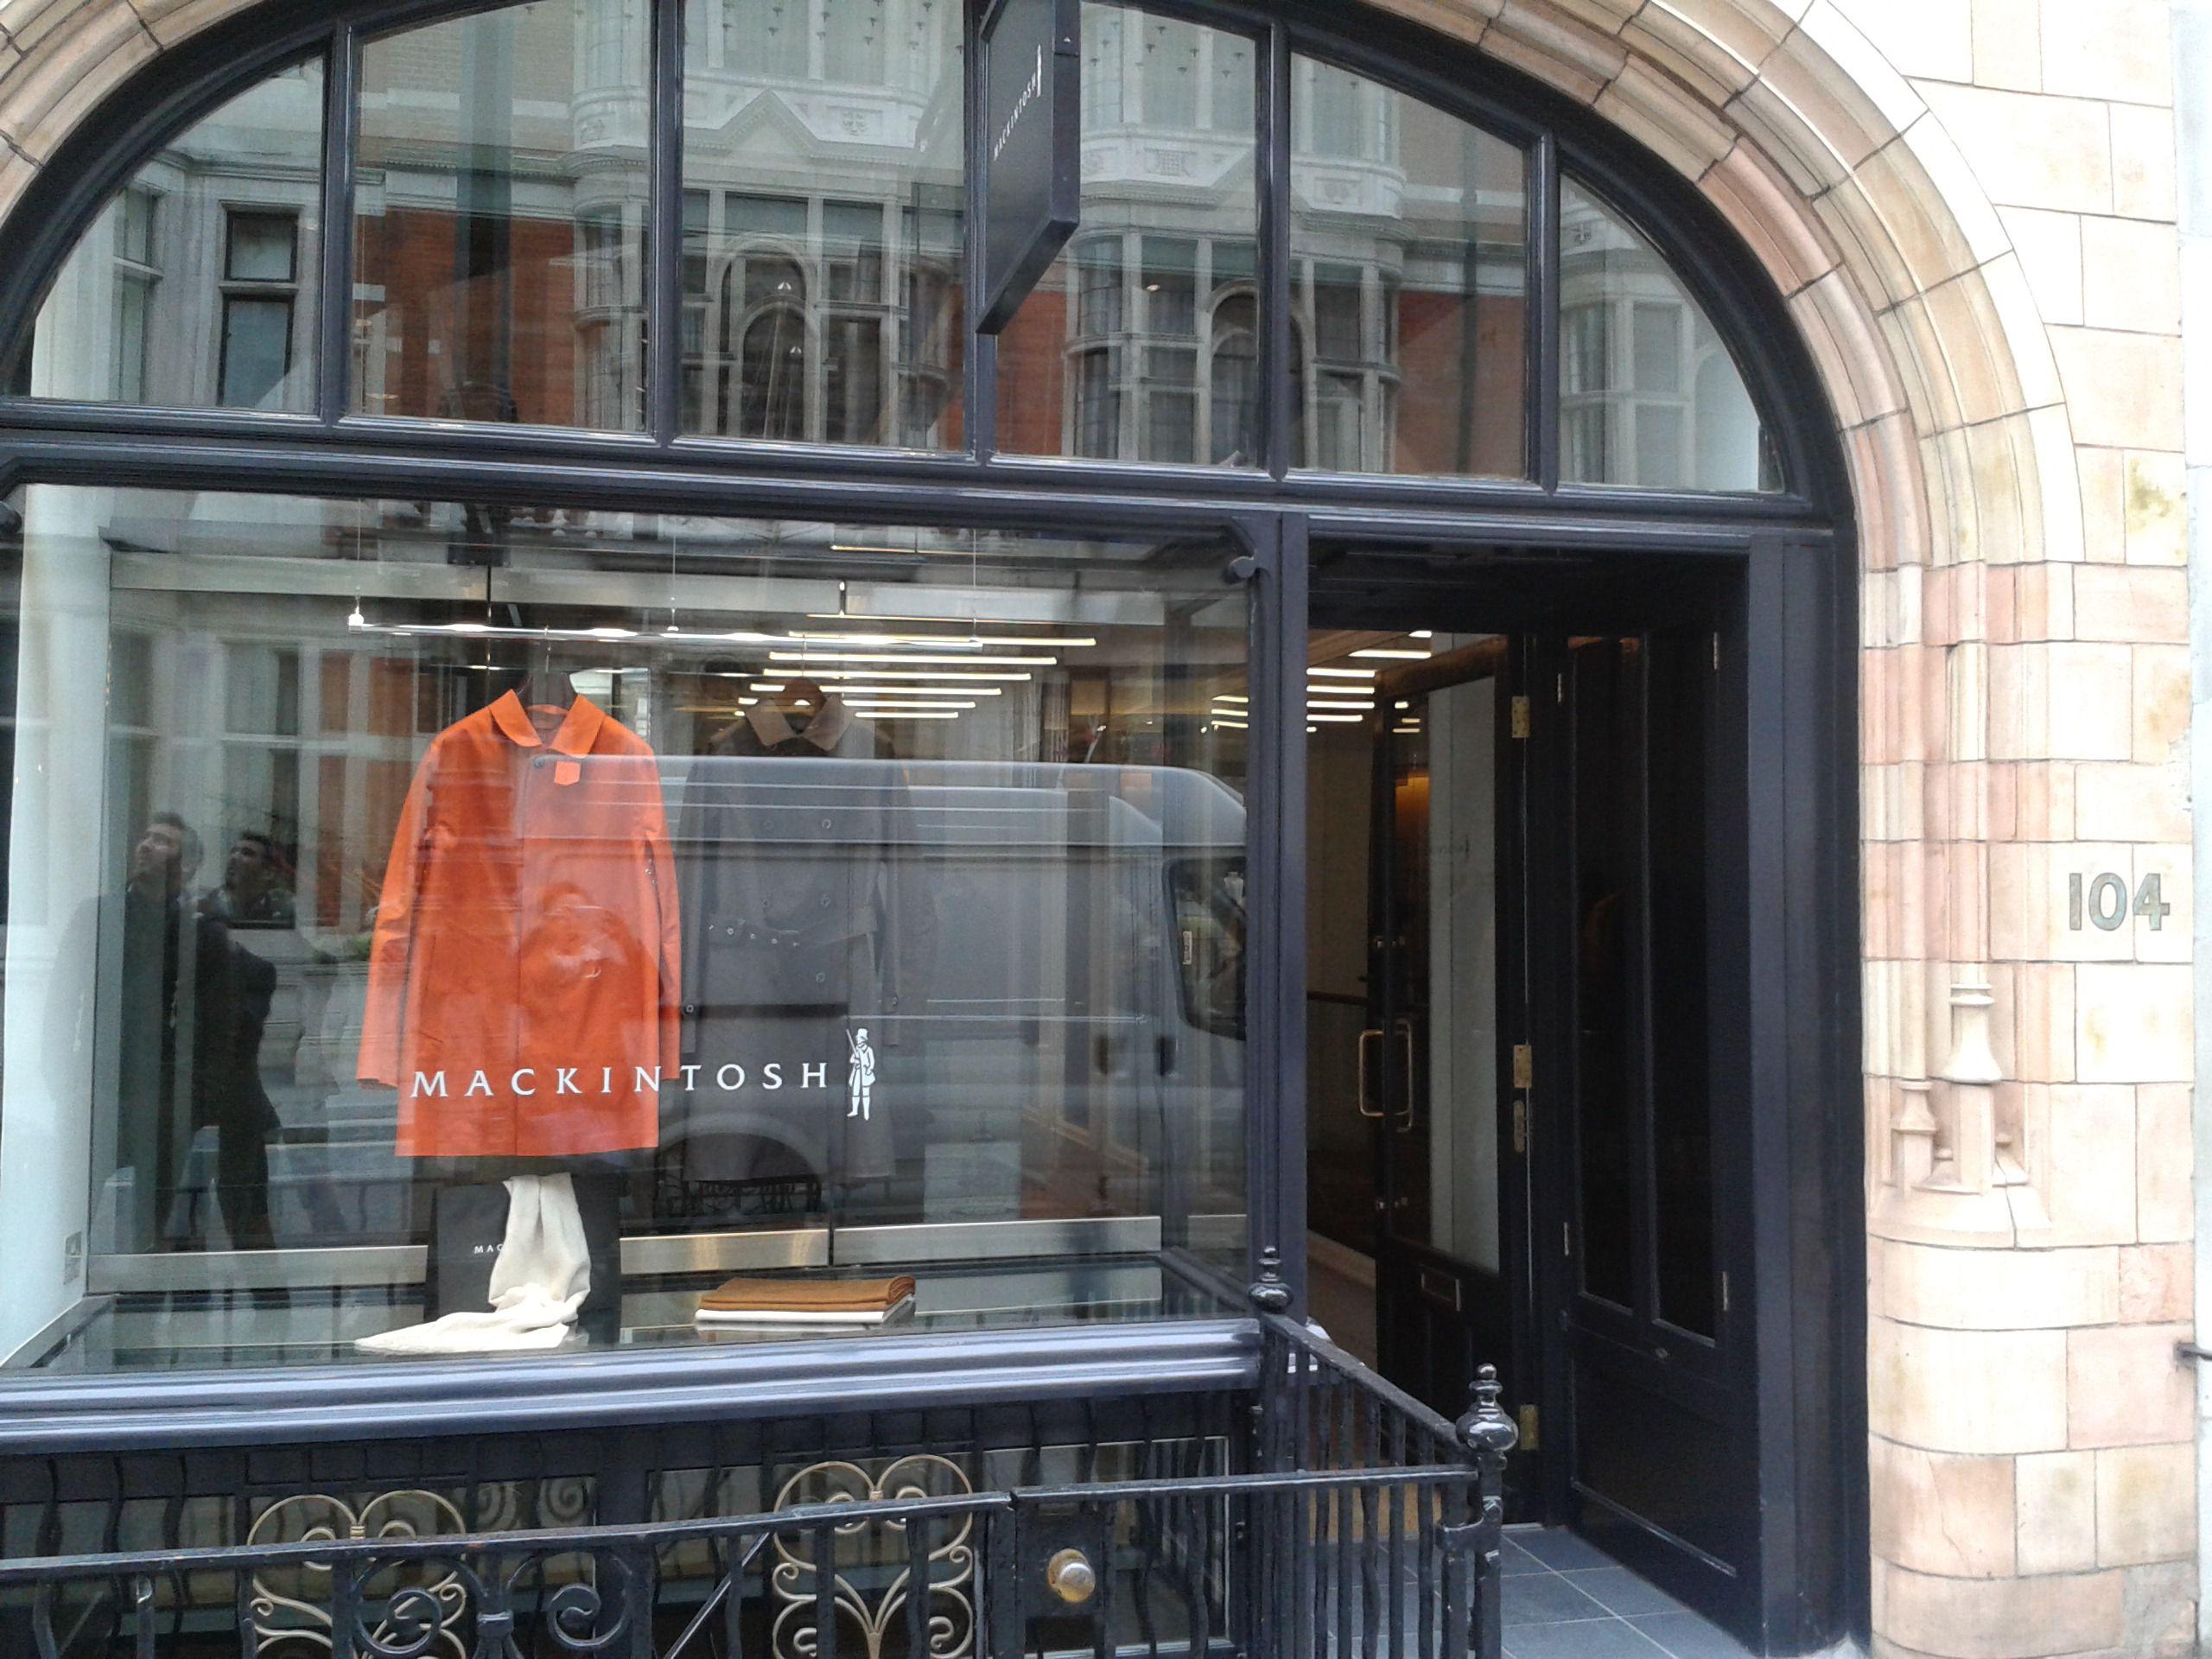 イギリス・ロンドンの老舗ブランド・マッキントッシュの本店がステキすぎる